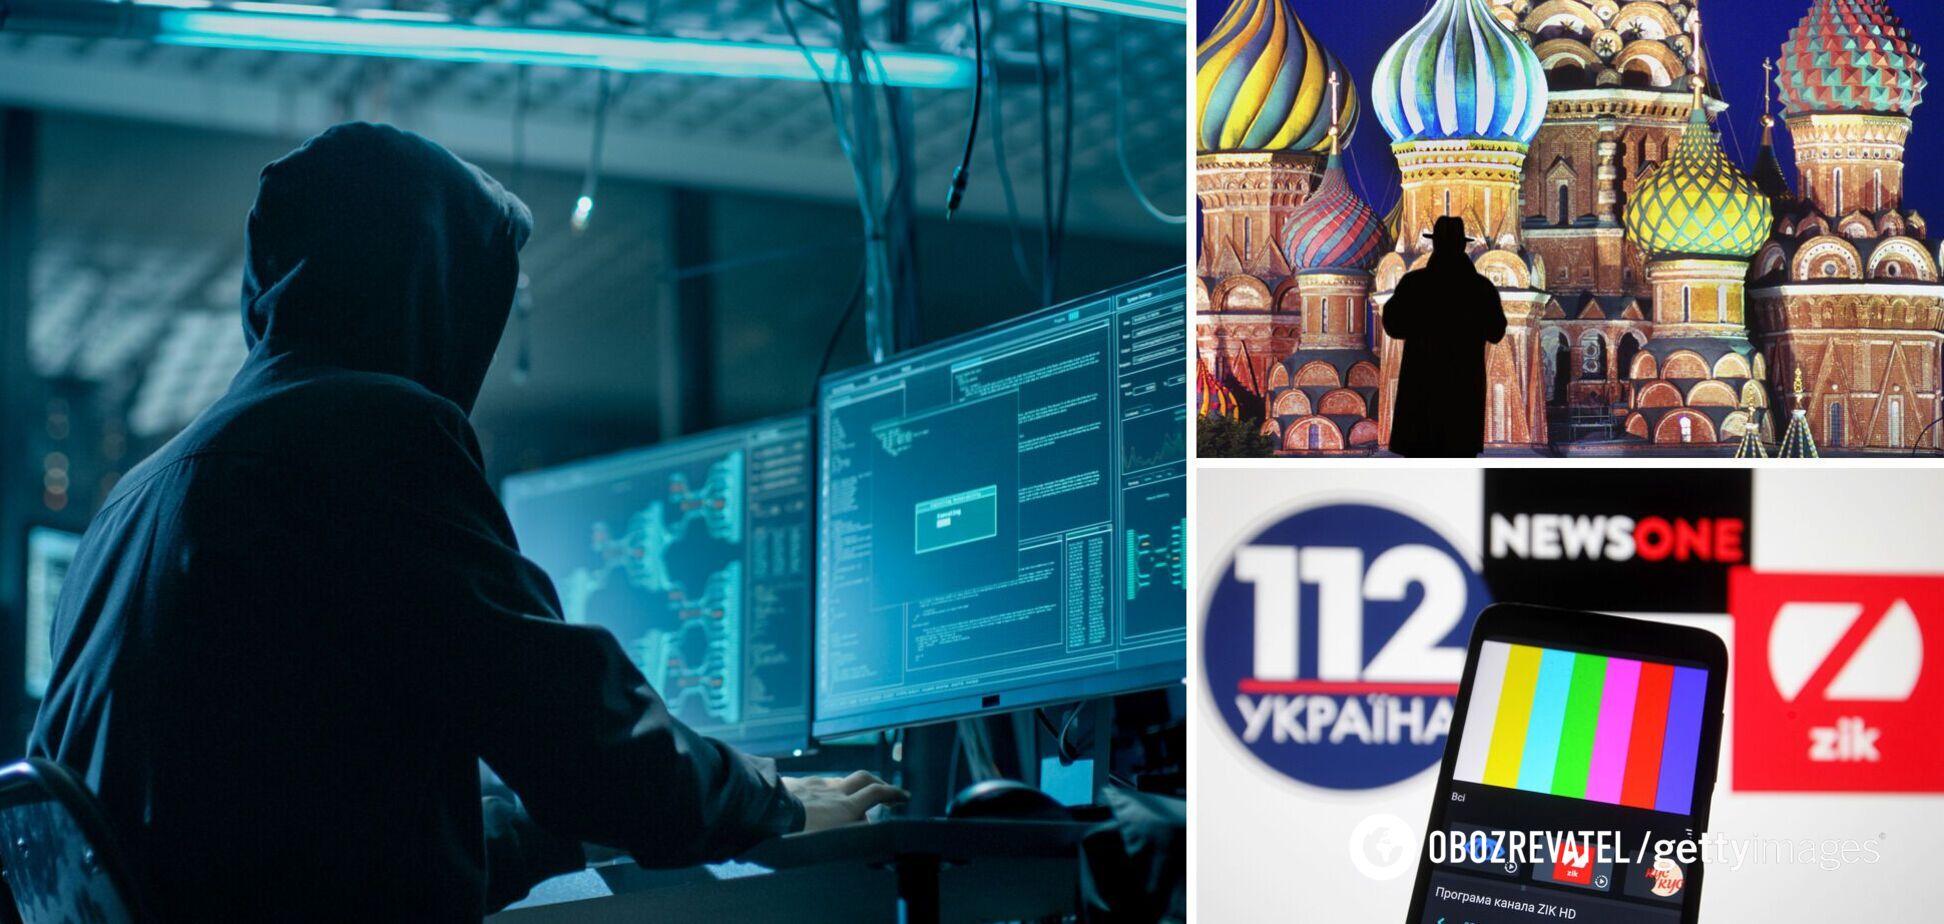 Россия осуществила кибератаку на Украину в ответ на санкции против Медведчука: СБУ отразила